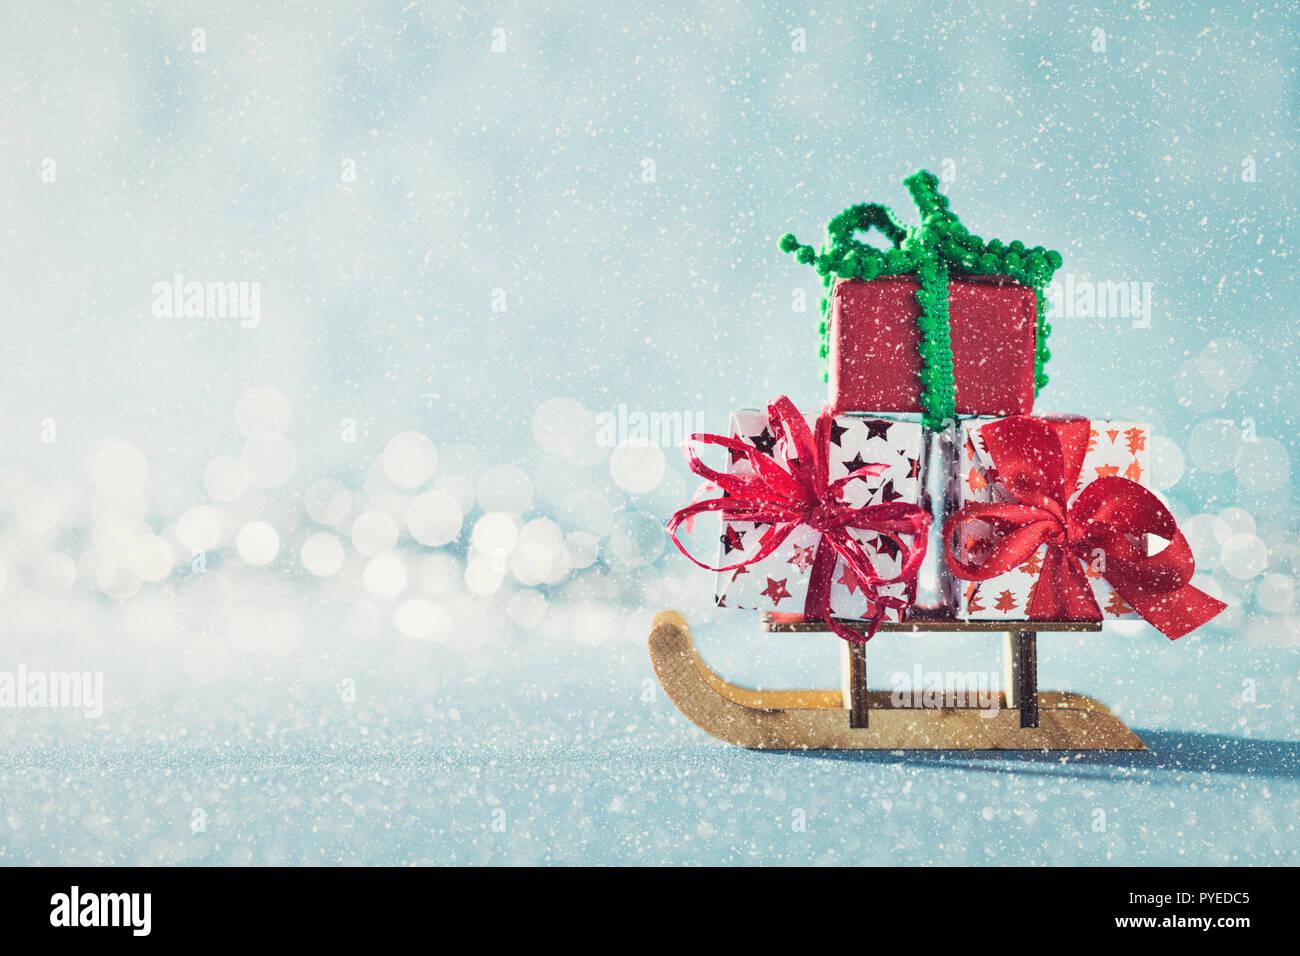 Tolle Weihnachtsgeschenke.Tolle Weihnachtsgeschenke Auf Santas Schlitten Miniatur Weihnachten